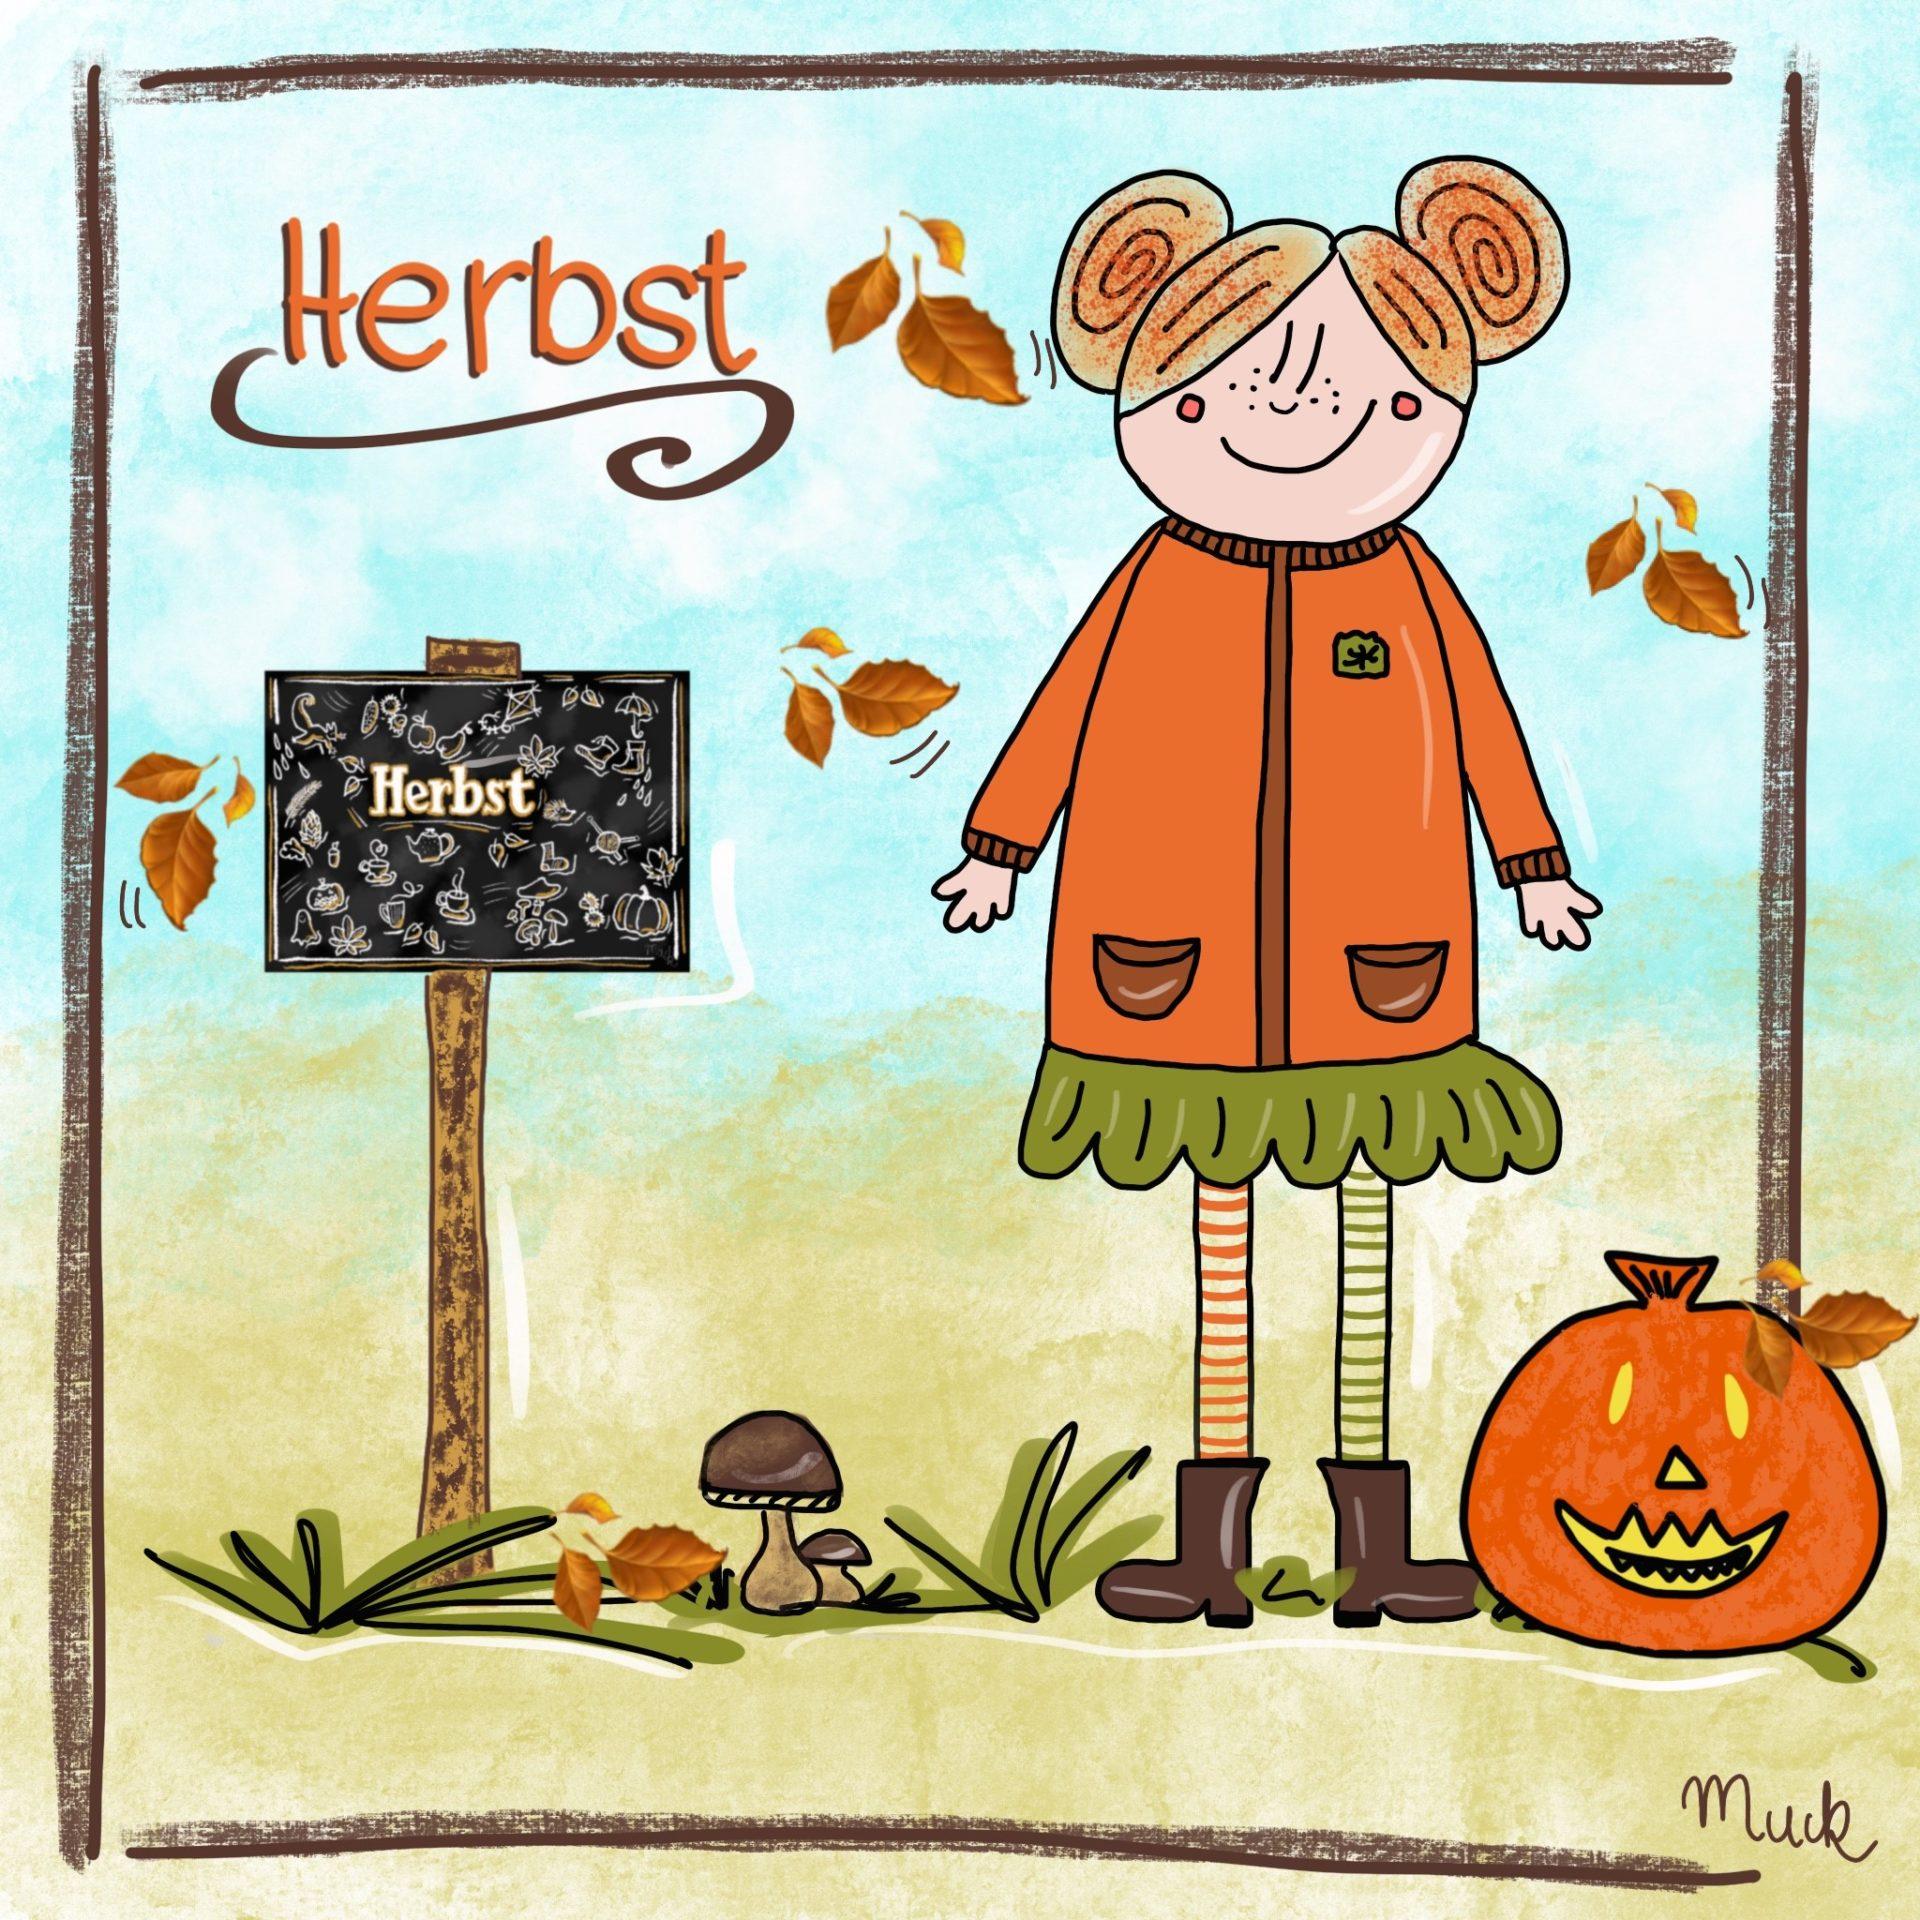 Herbst - Claudia Weber - Muck's Arts